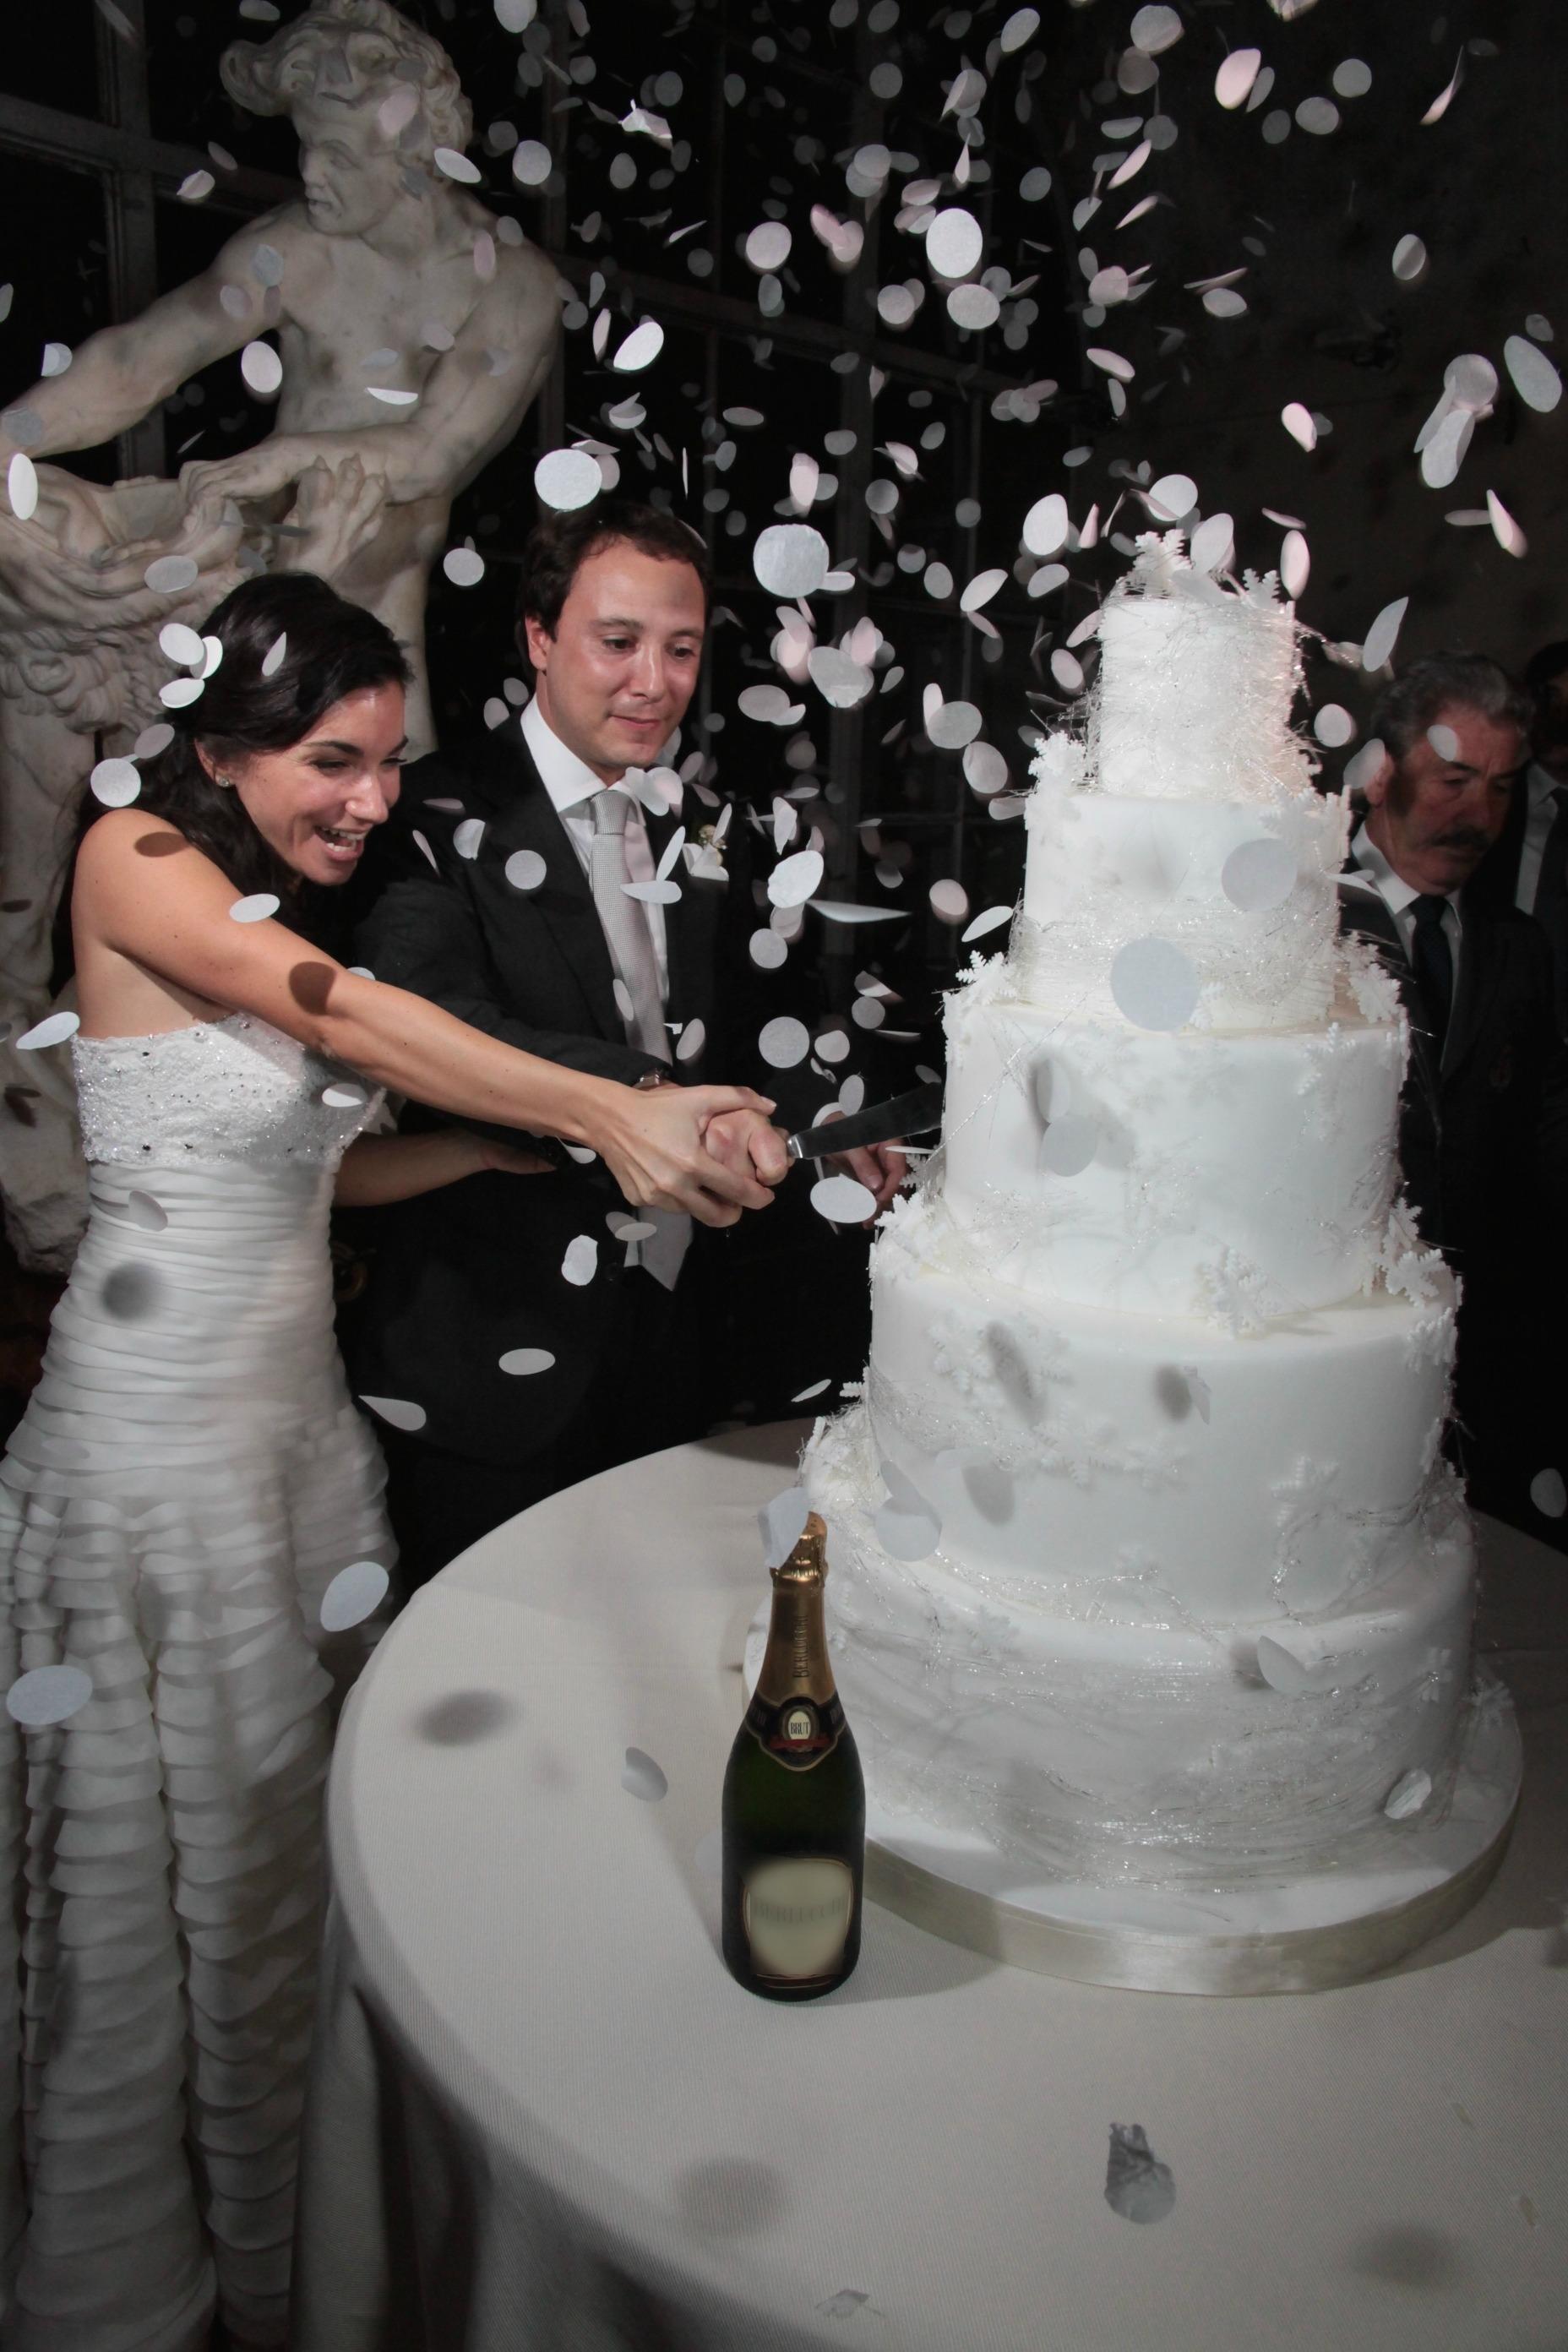 La torta del tuo matrimonio: suggerimenti per la scelta